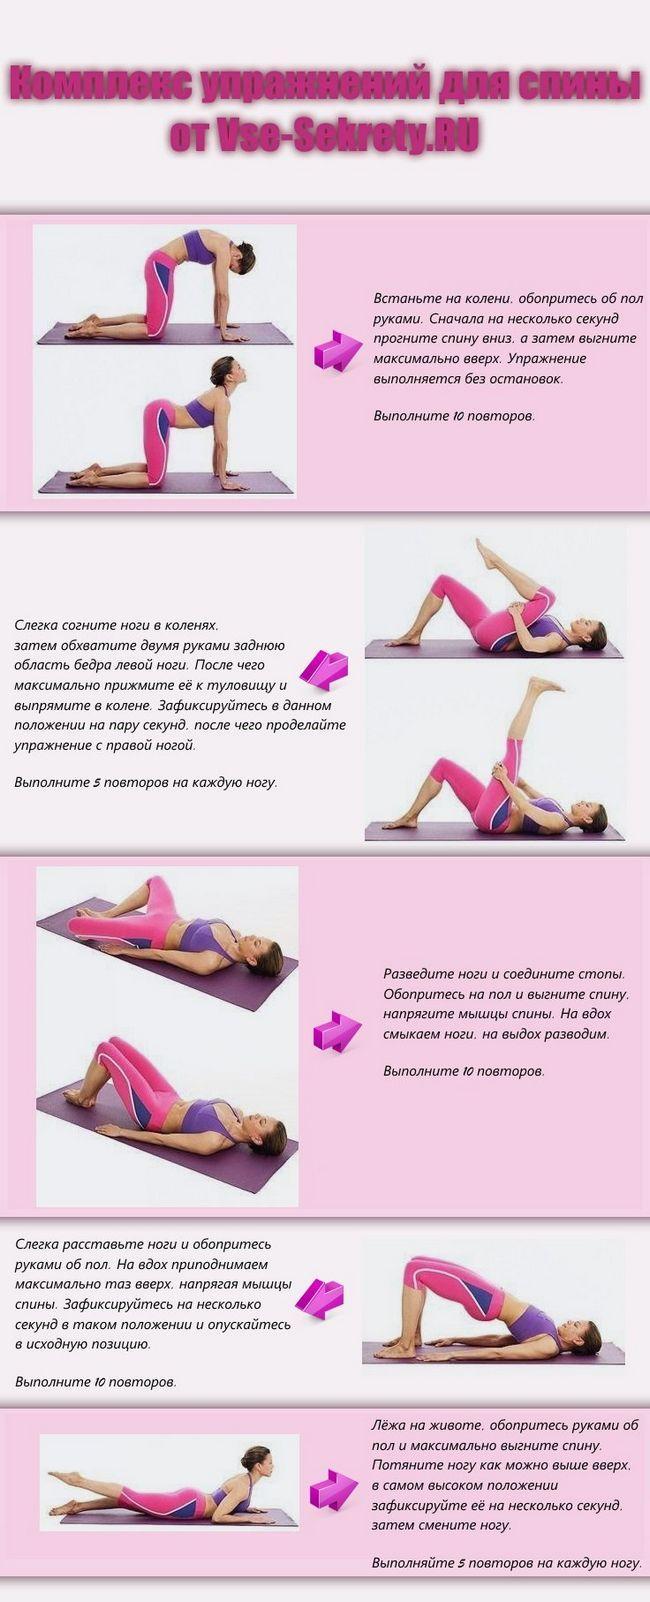 Інфографіка: комплекс вправ для спини